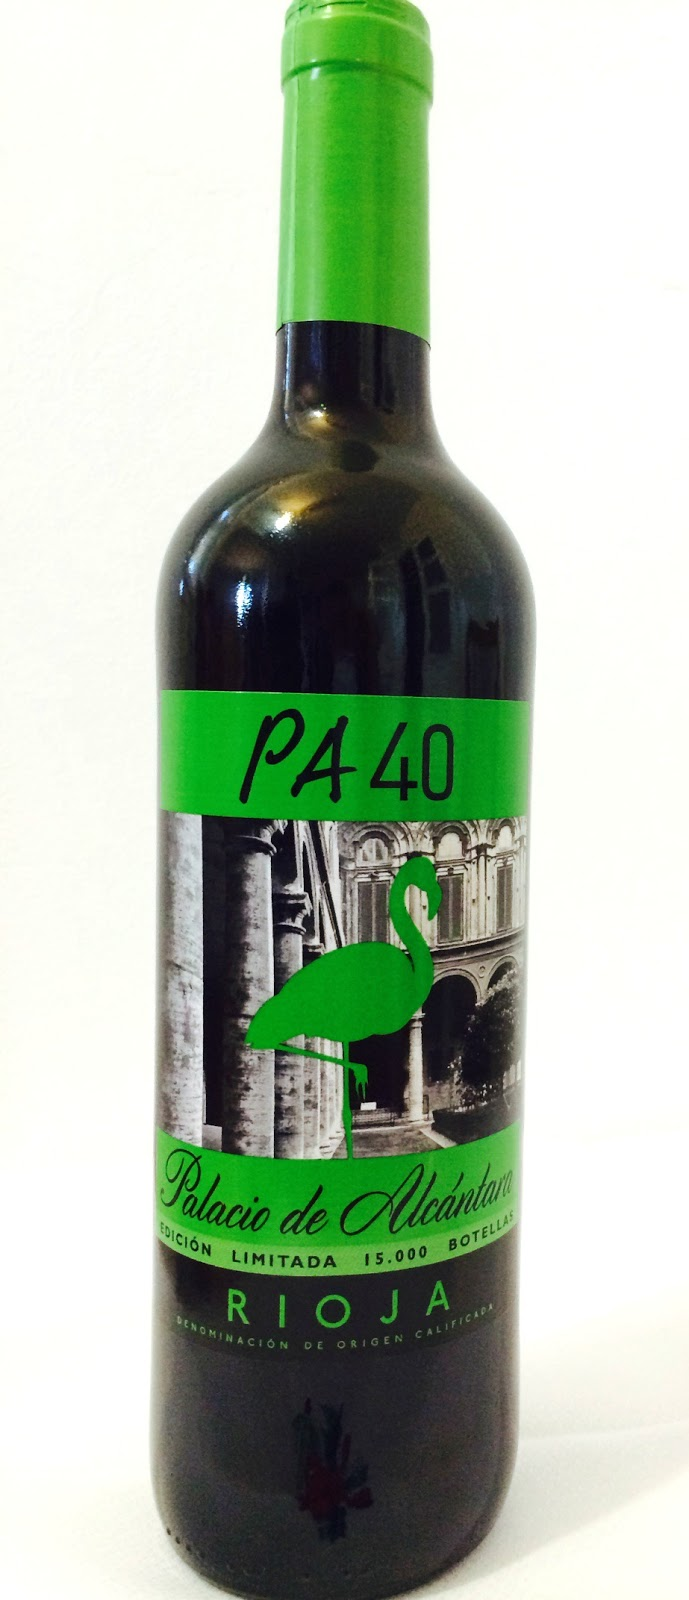 vino tinto Rioja Palacio de Alcantara PA40